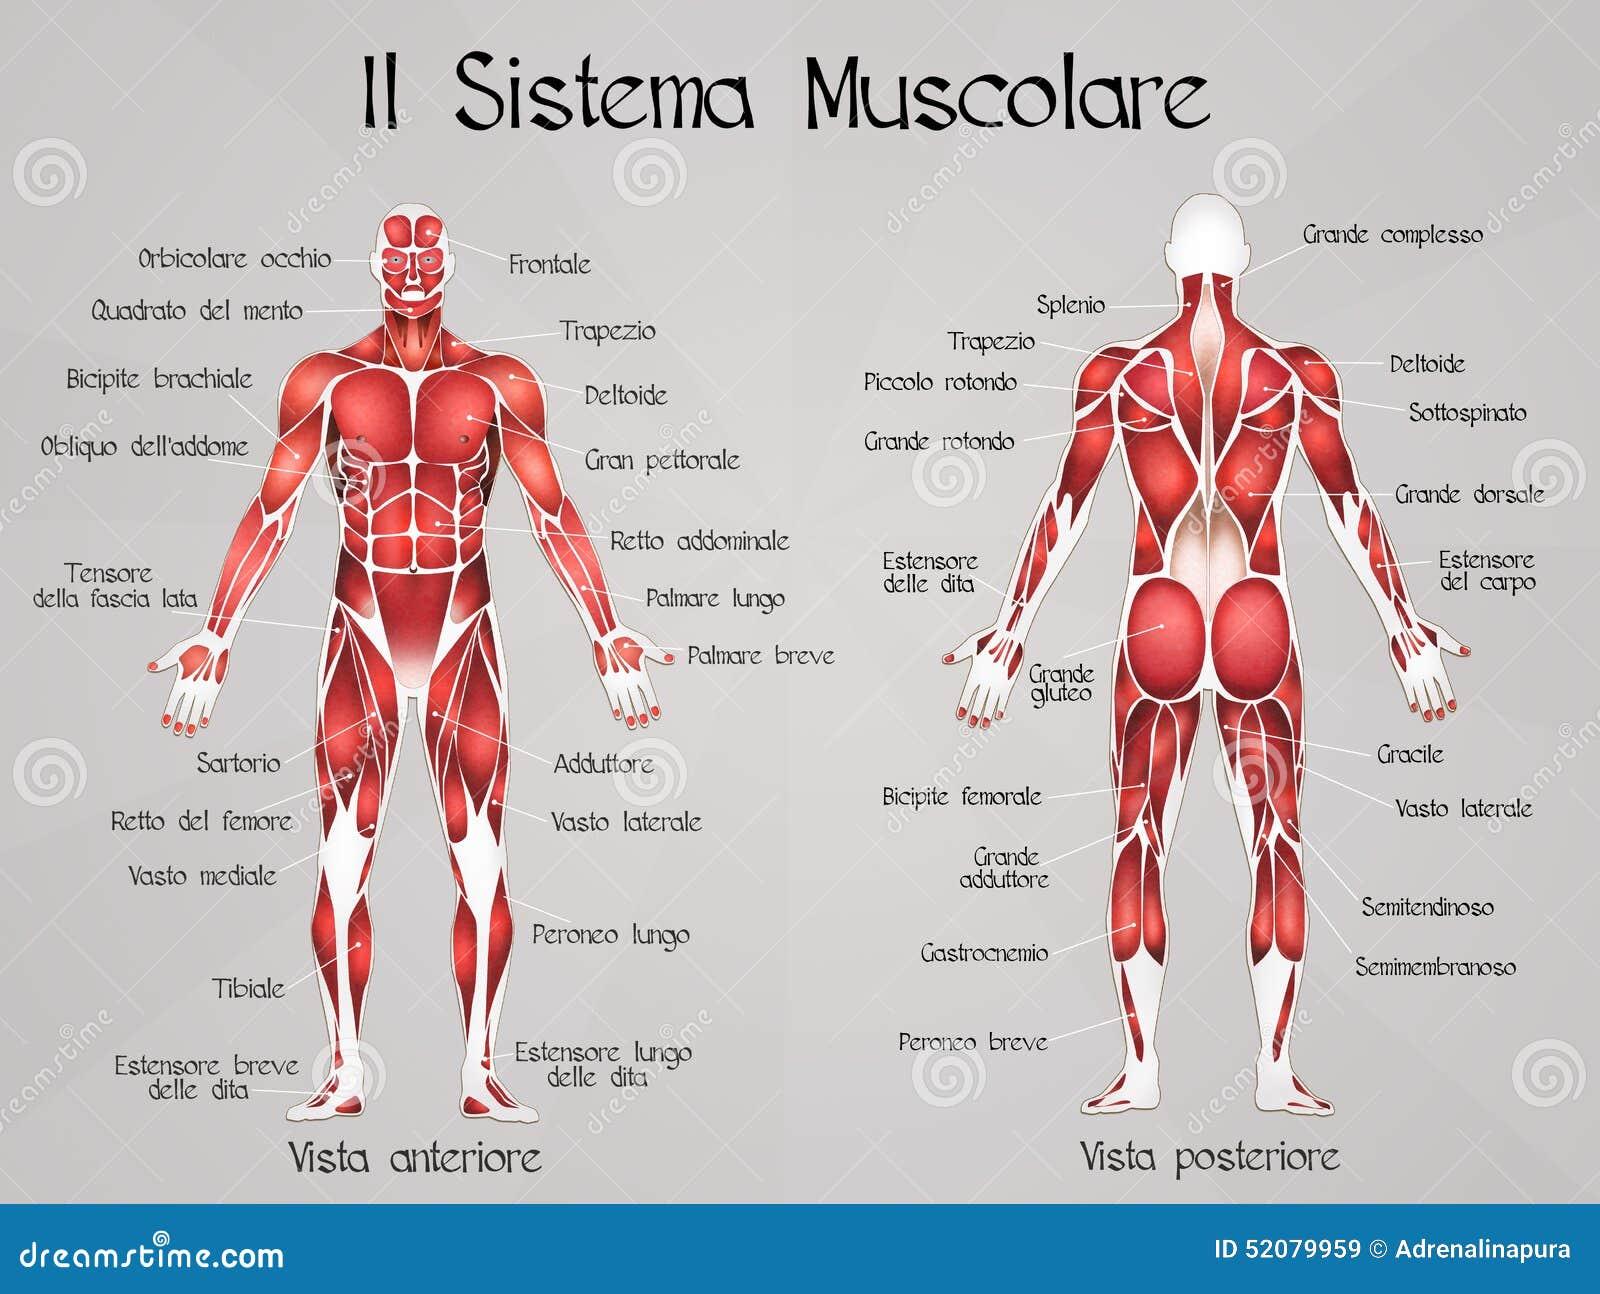 Contemporáneo Foto Sistema Muscular Humana Regalo - Anatomía de Las ...